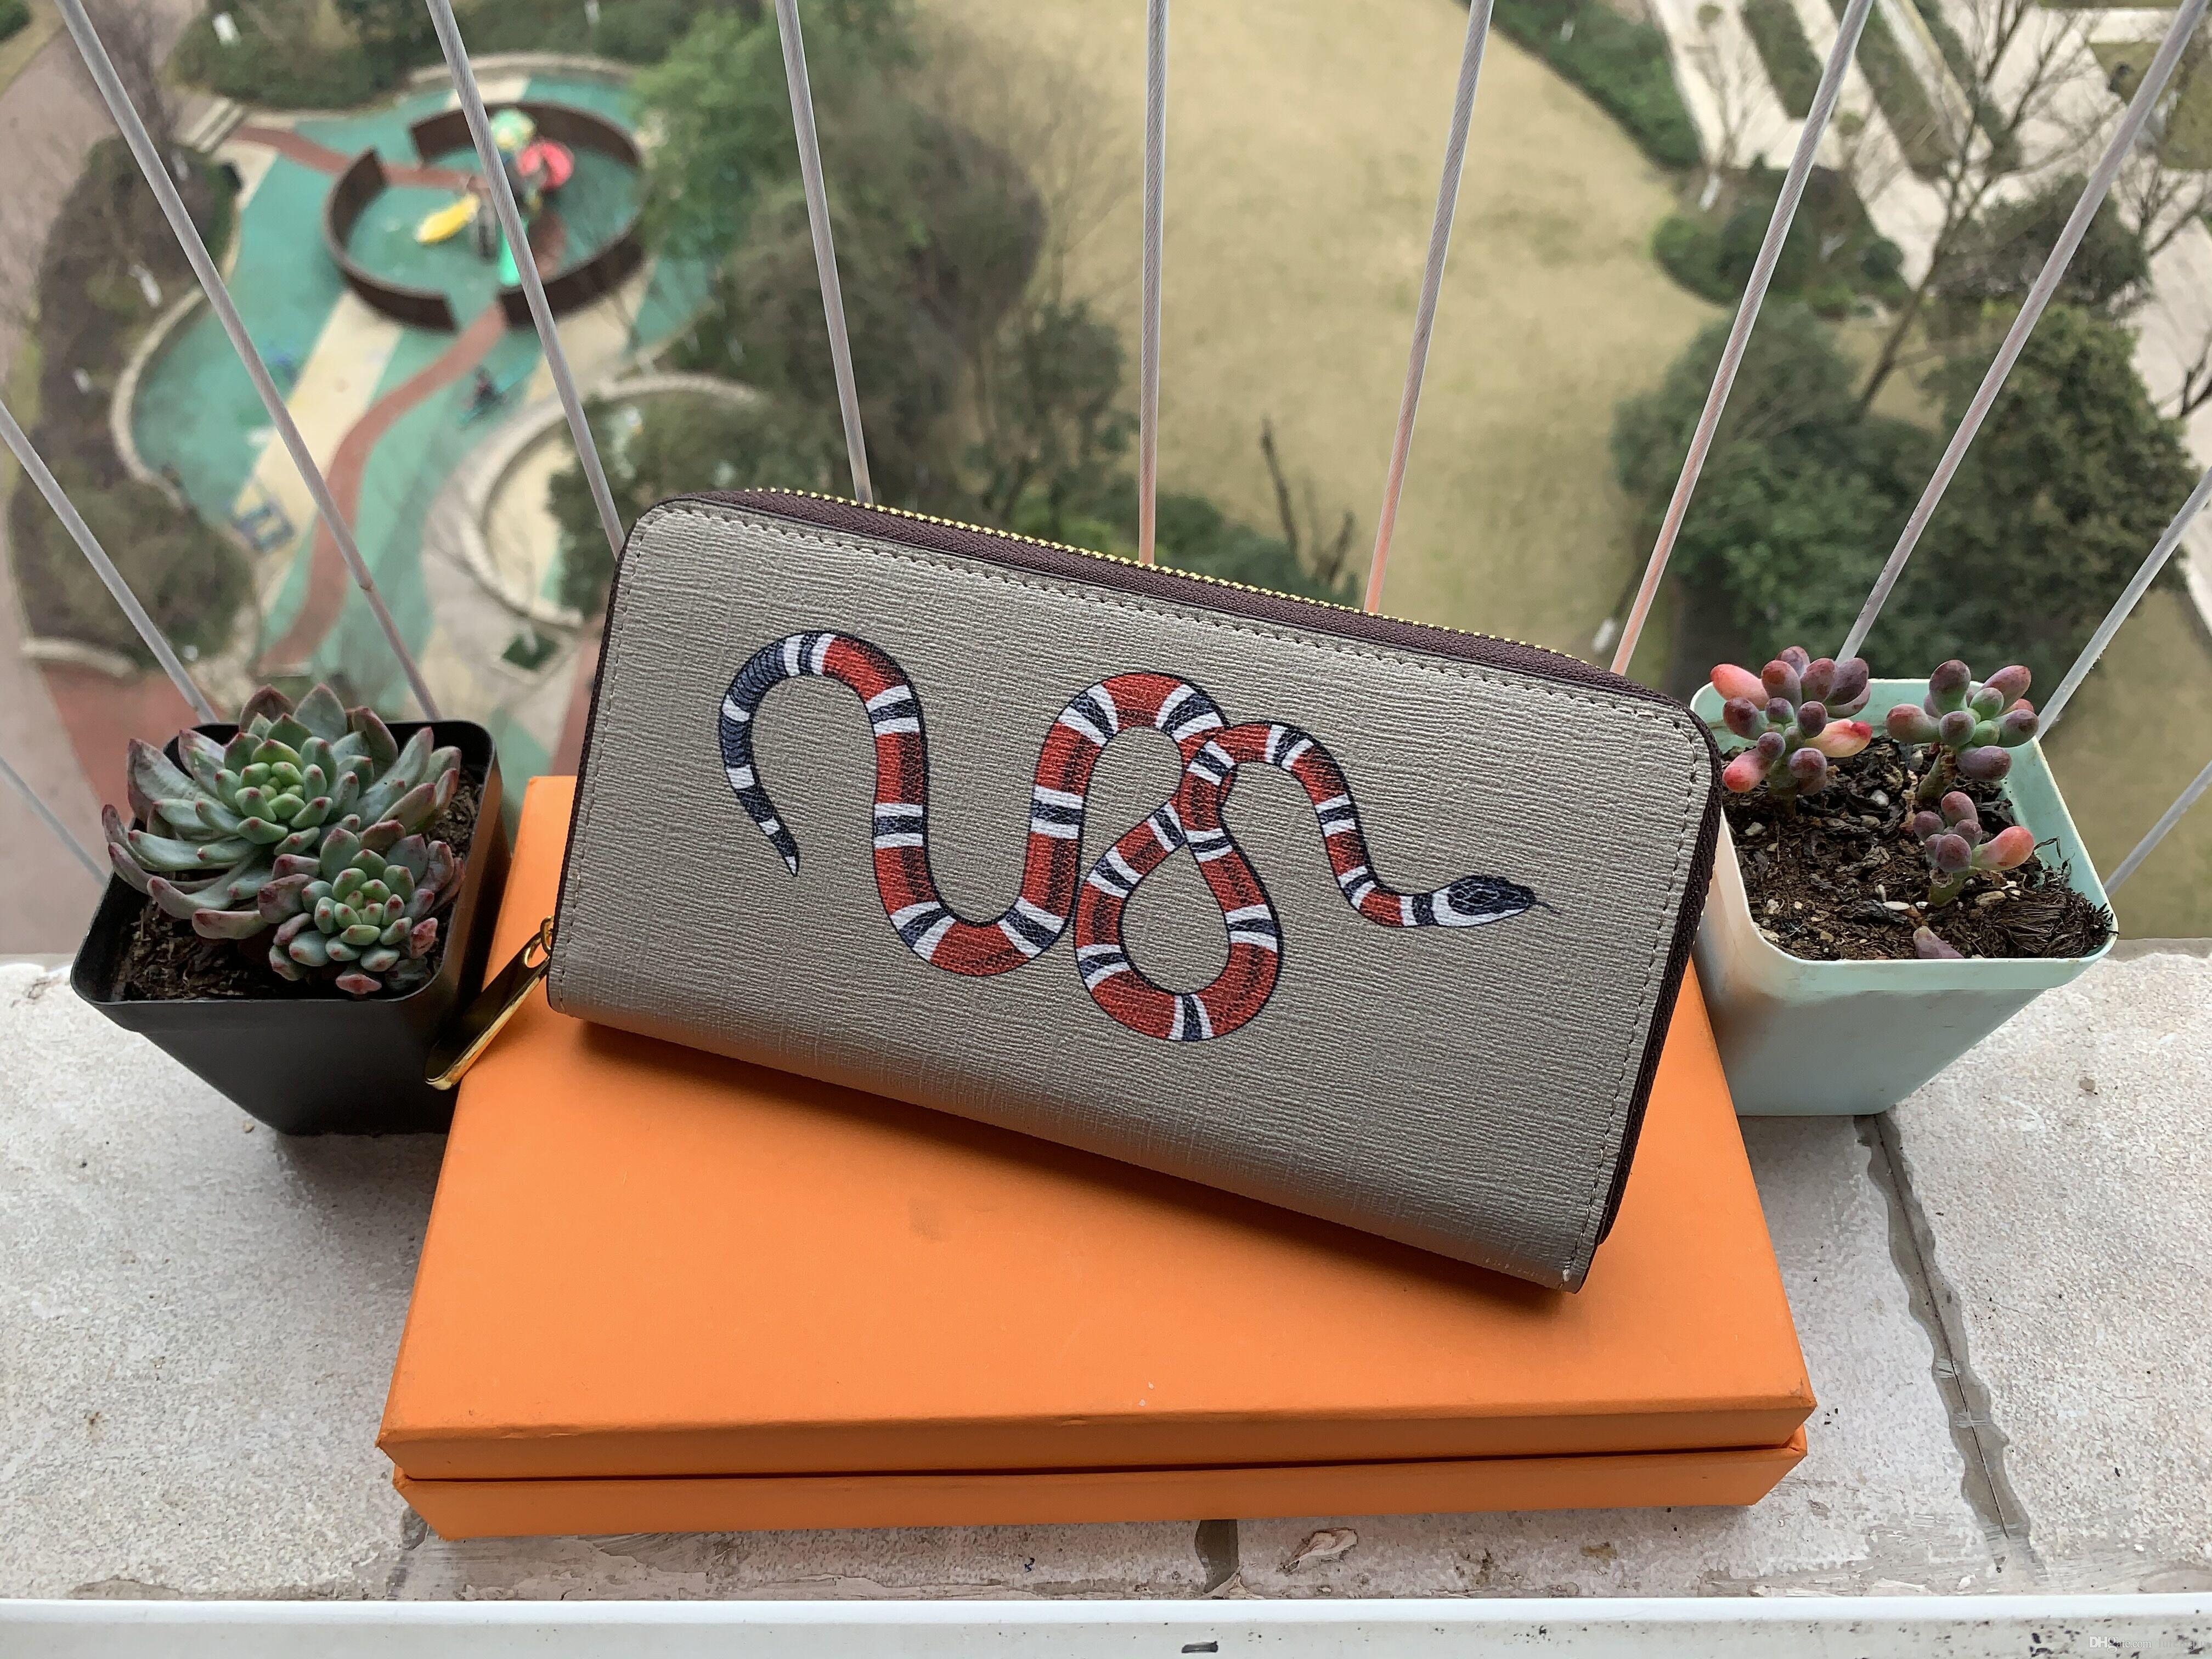 Carteira das mulheres dos homens de alta qualidade da carteira Moda Explosão Designer 2019 Luxo Multicolor opcional de cartão de crédito Carteiras com caixa